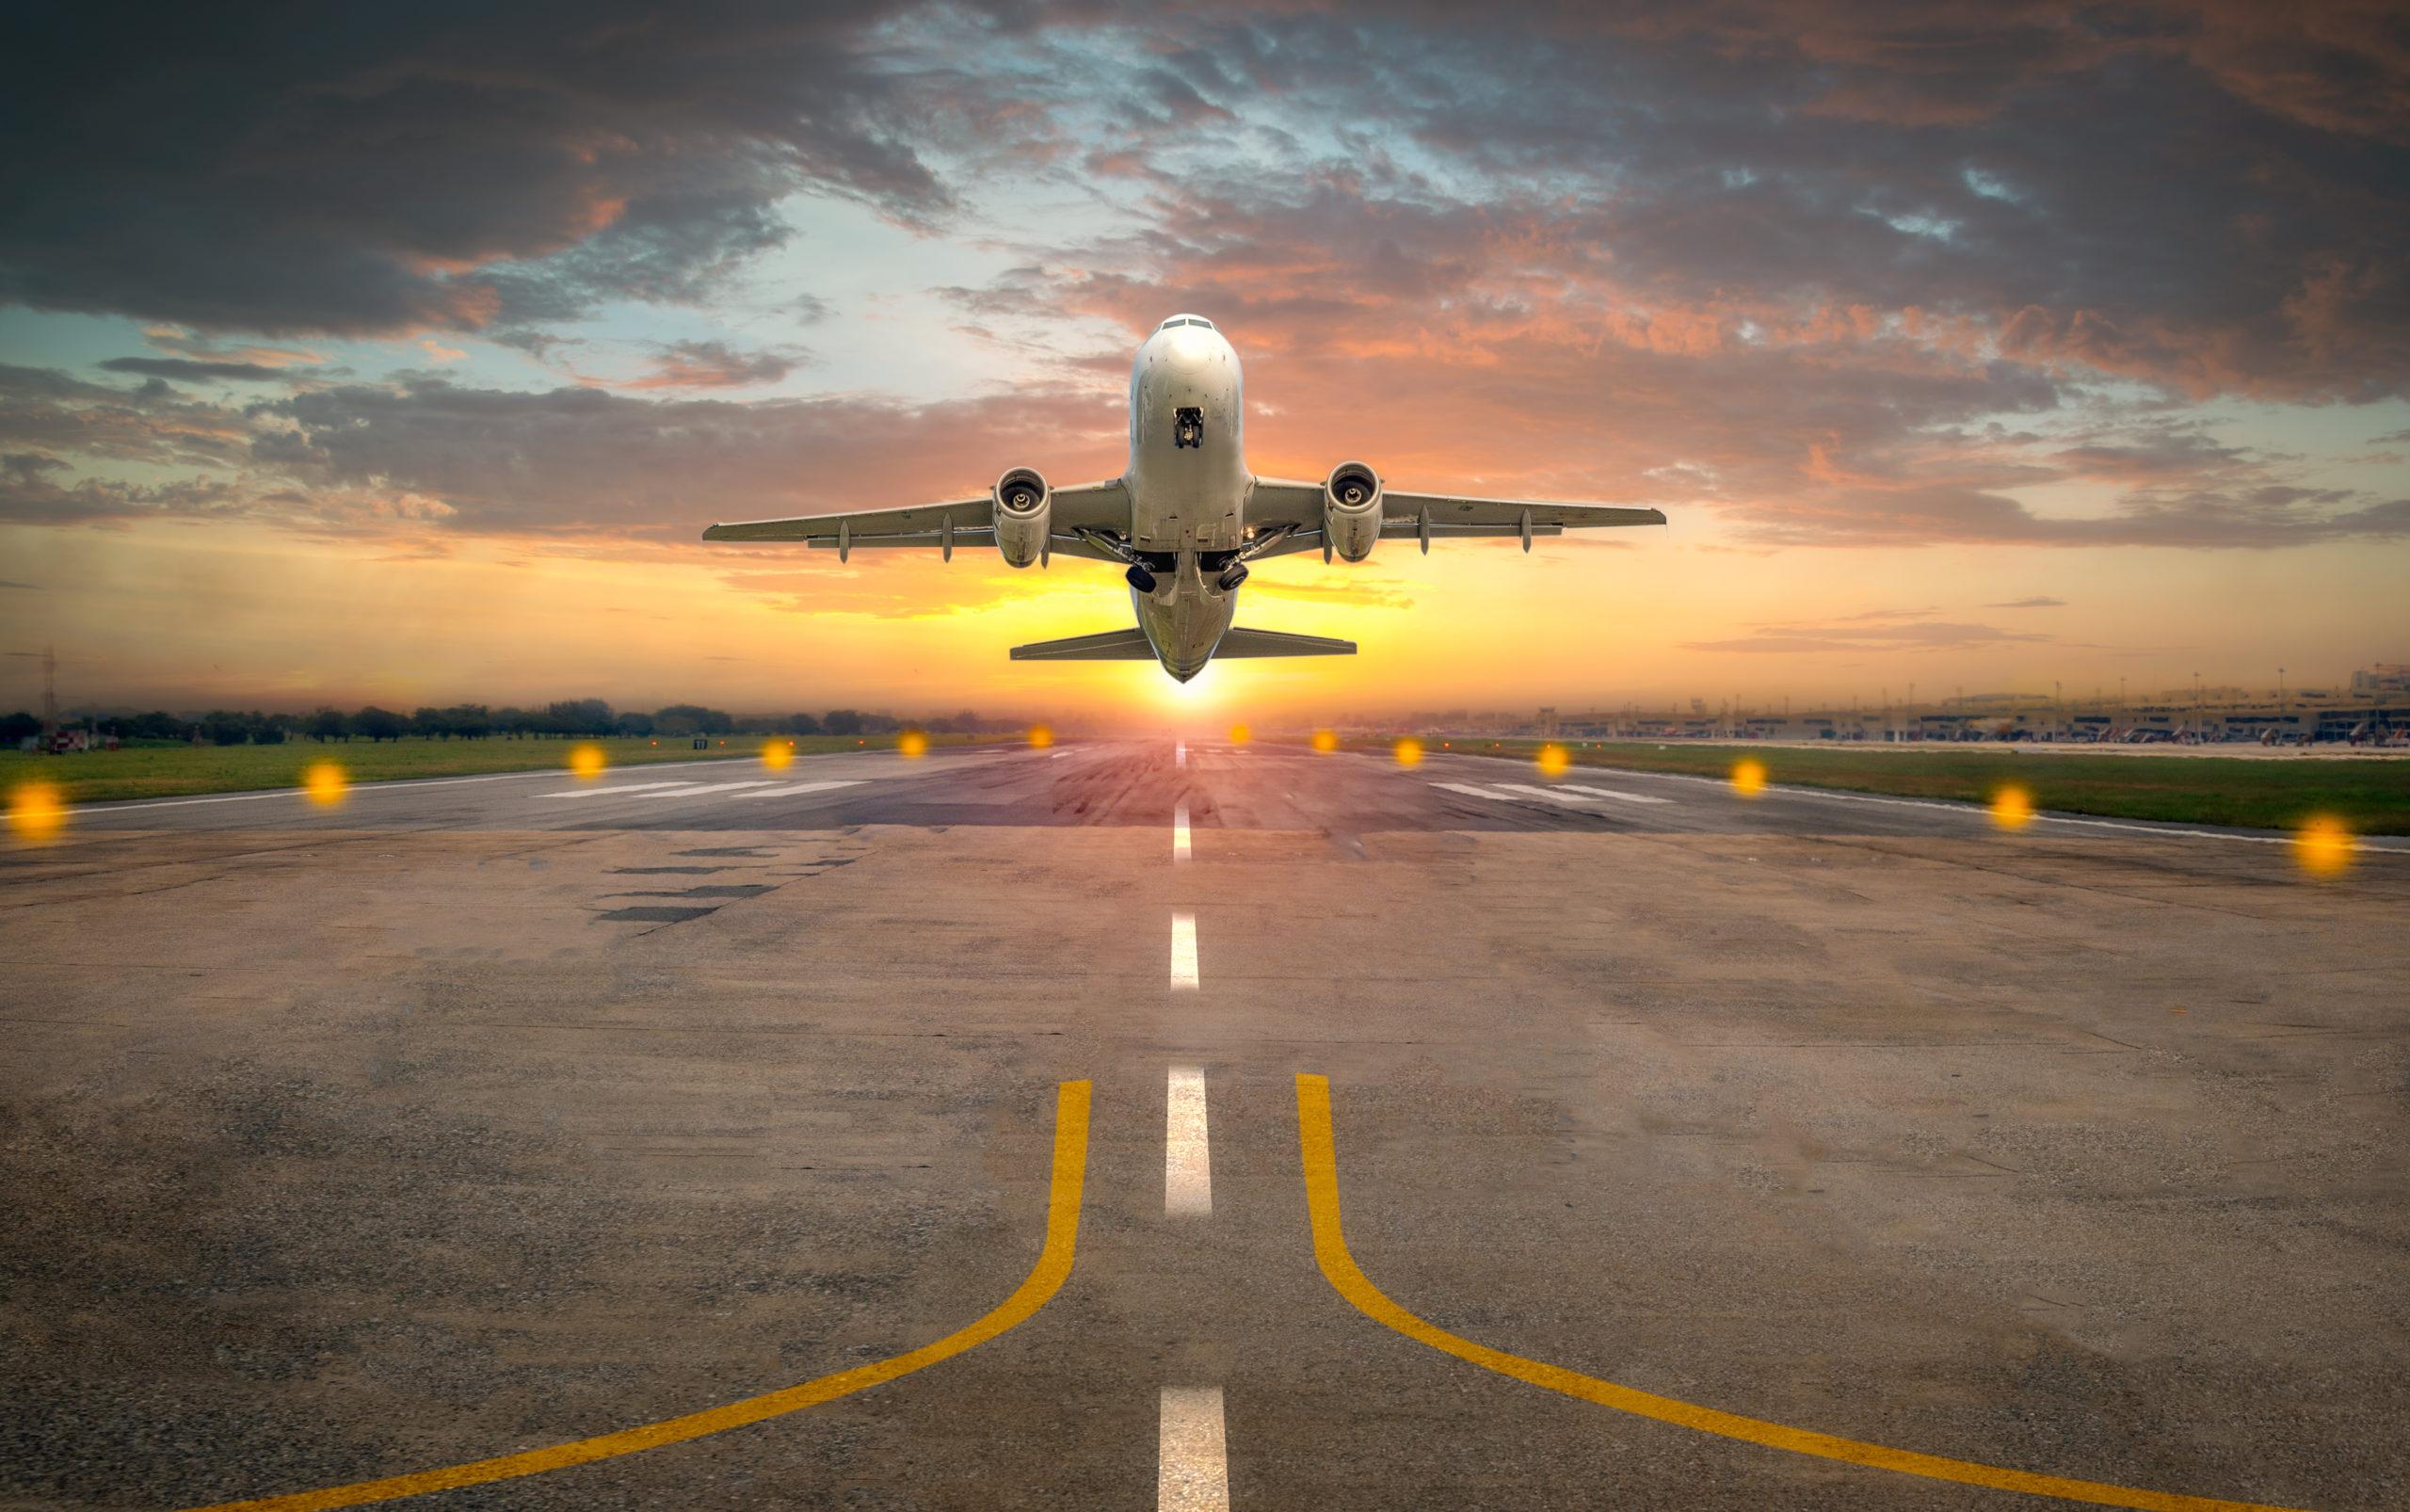 repülőgép, felszállás kifutó